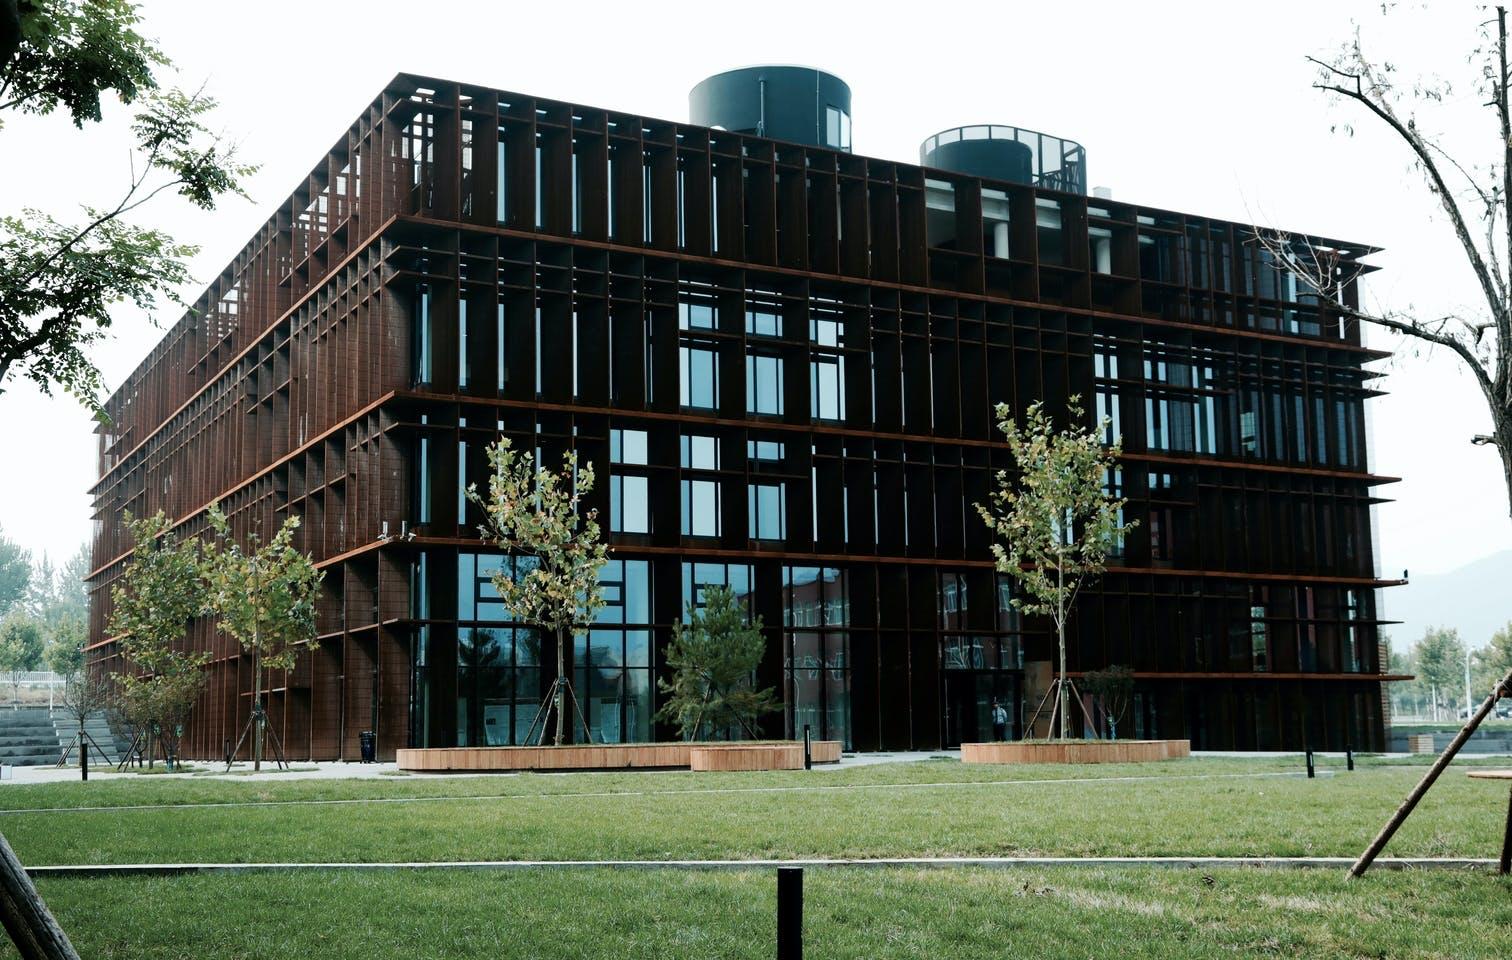 Finn Juhl Kina universitet Onecollection facade